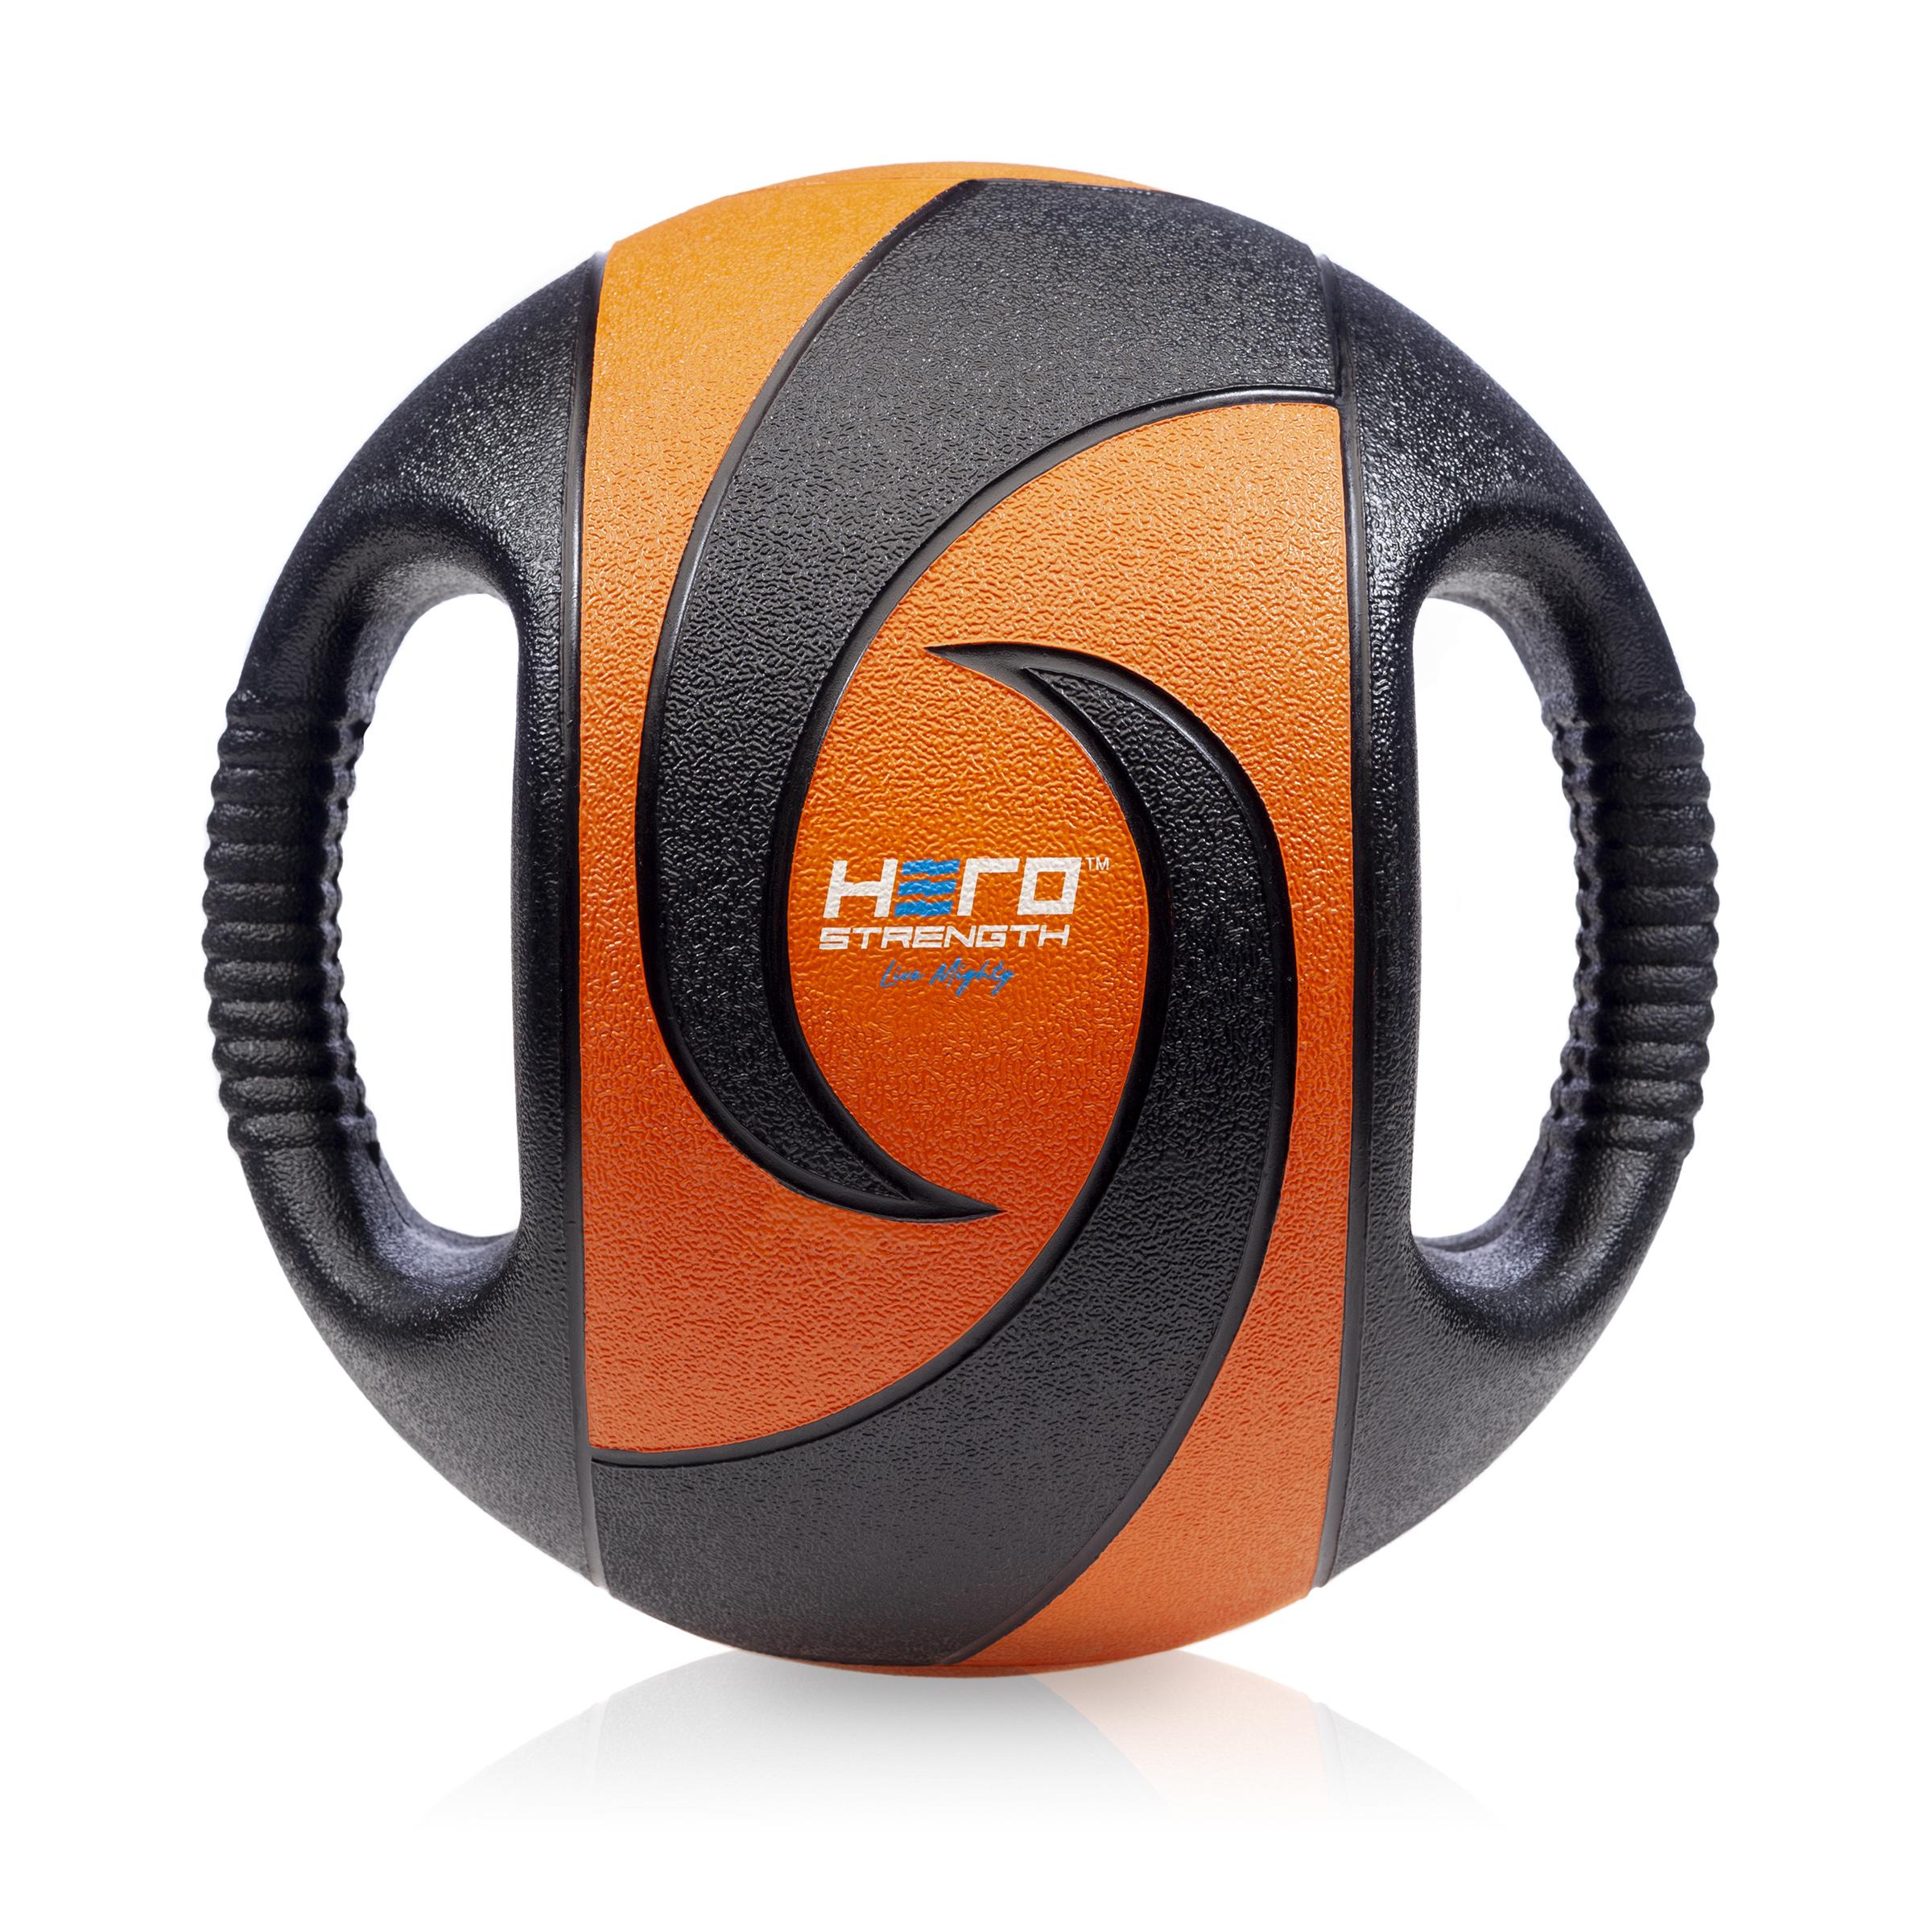 Herostrength Duel Handle Medicine Balls Hampton Fitness